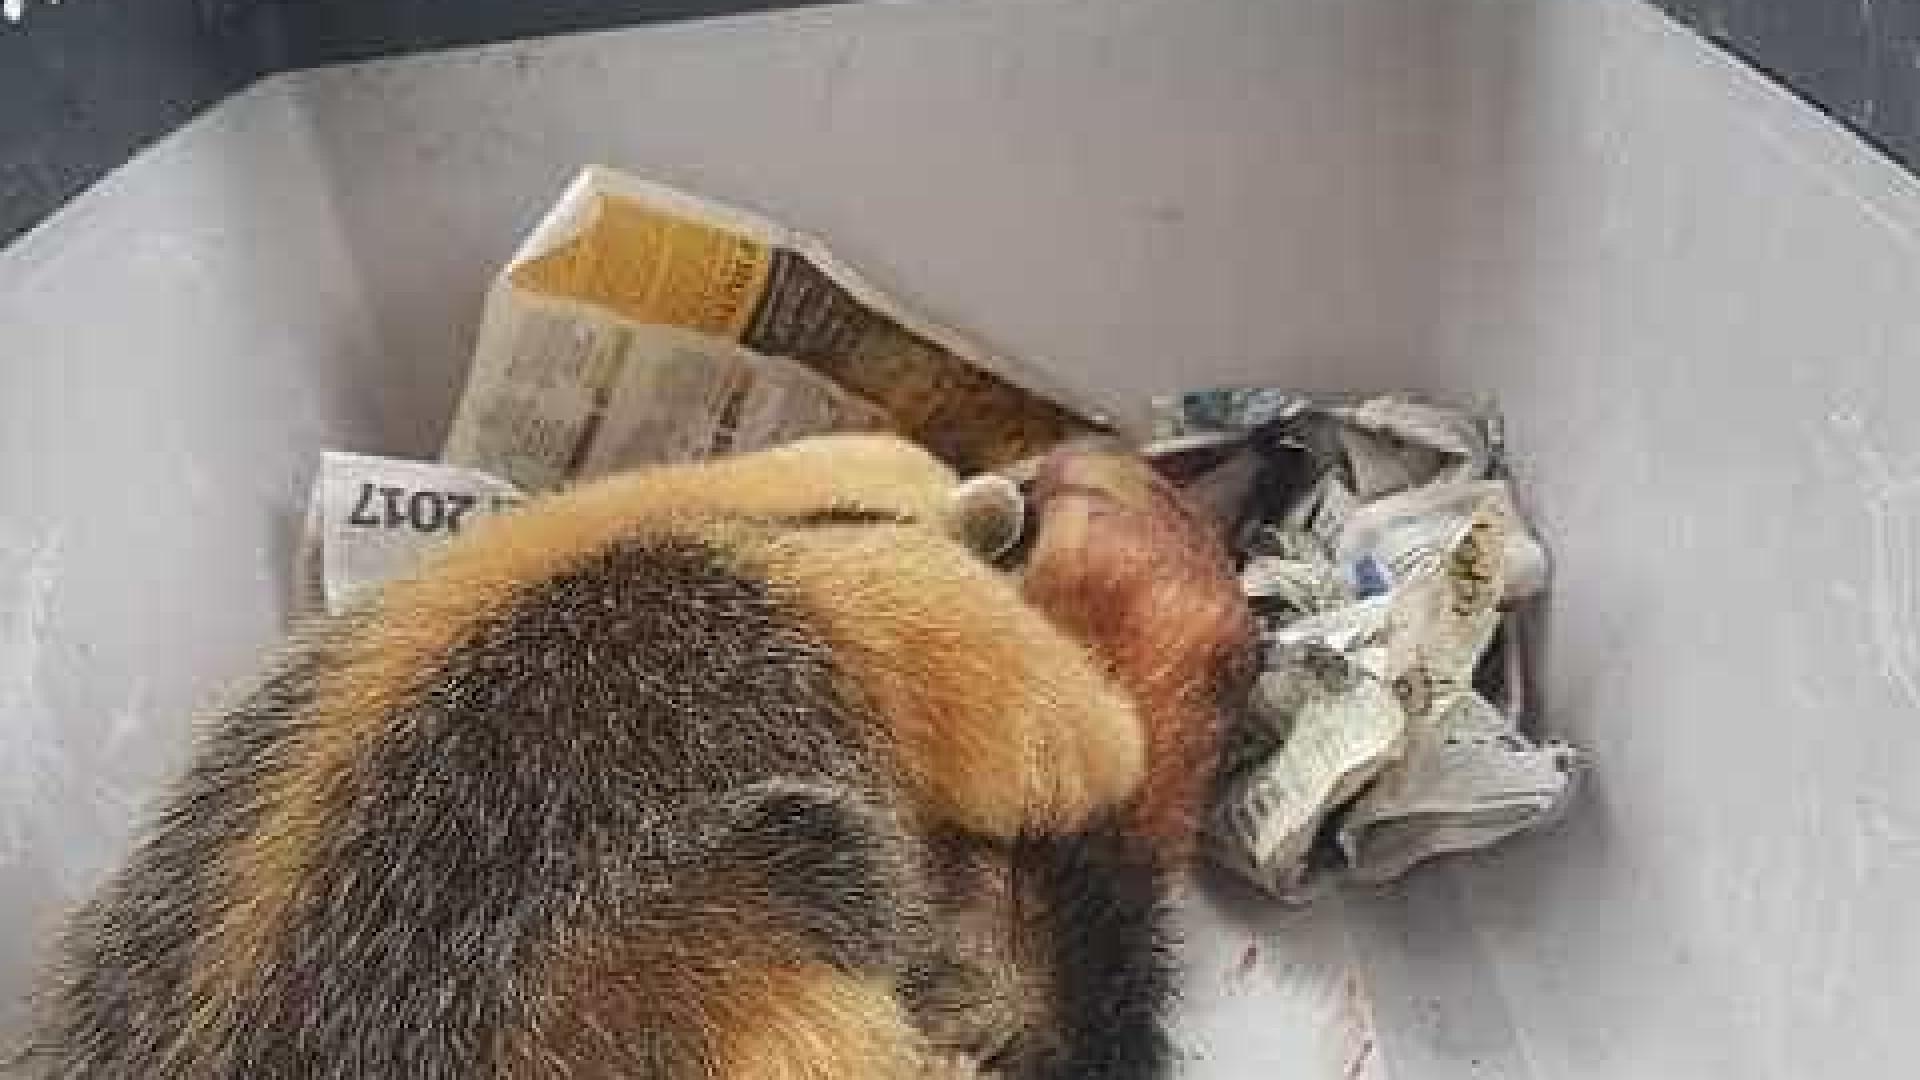 Filhote de tamanduá não desgruda da mãe morta atropelada em rodovia